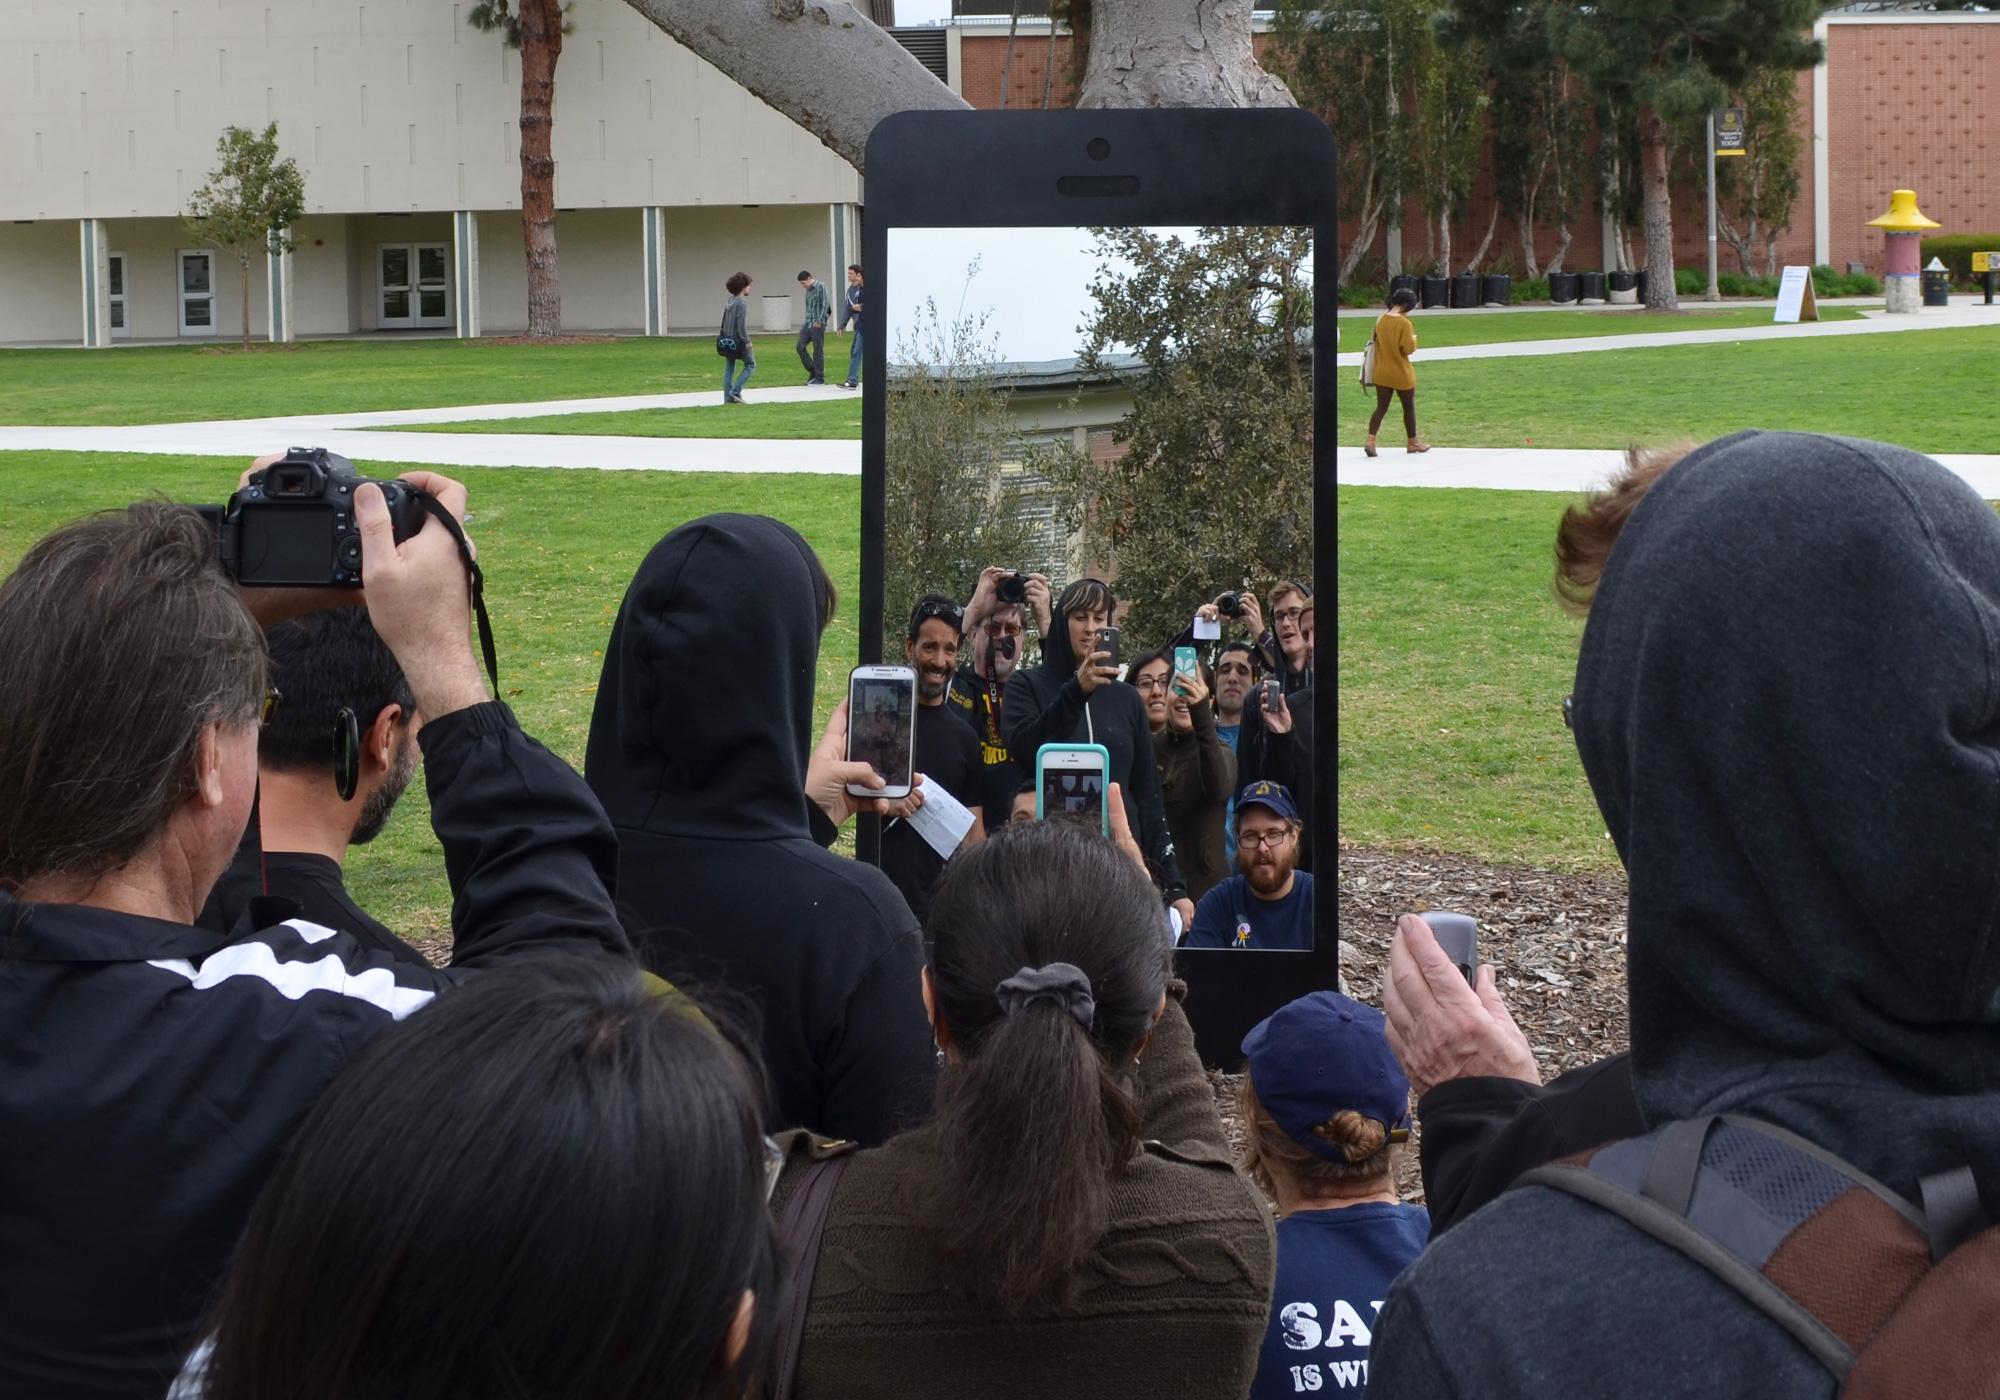 В Калифорнии установили двухметровое зеркало для селфи в форме iPhone